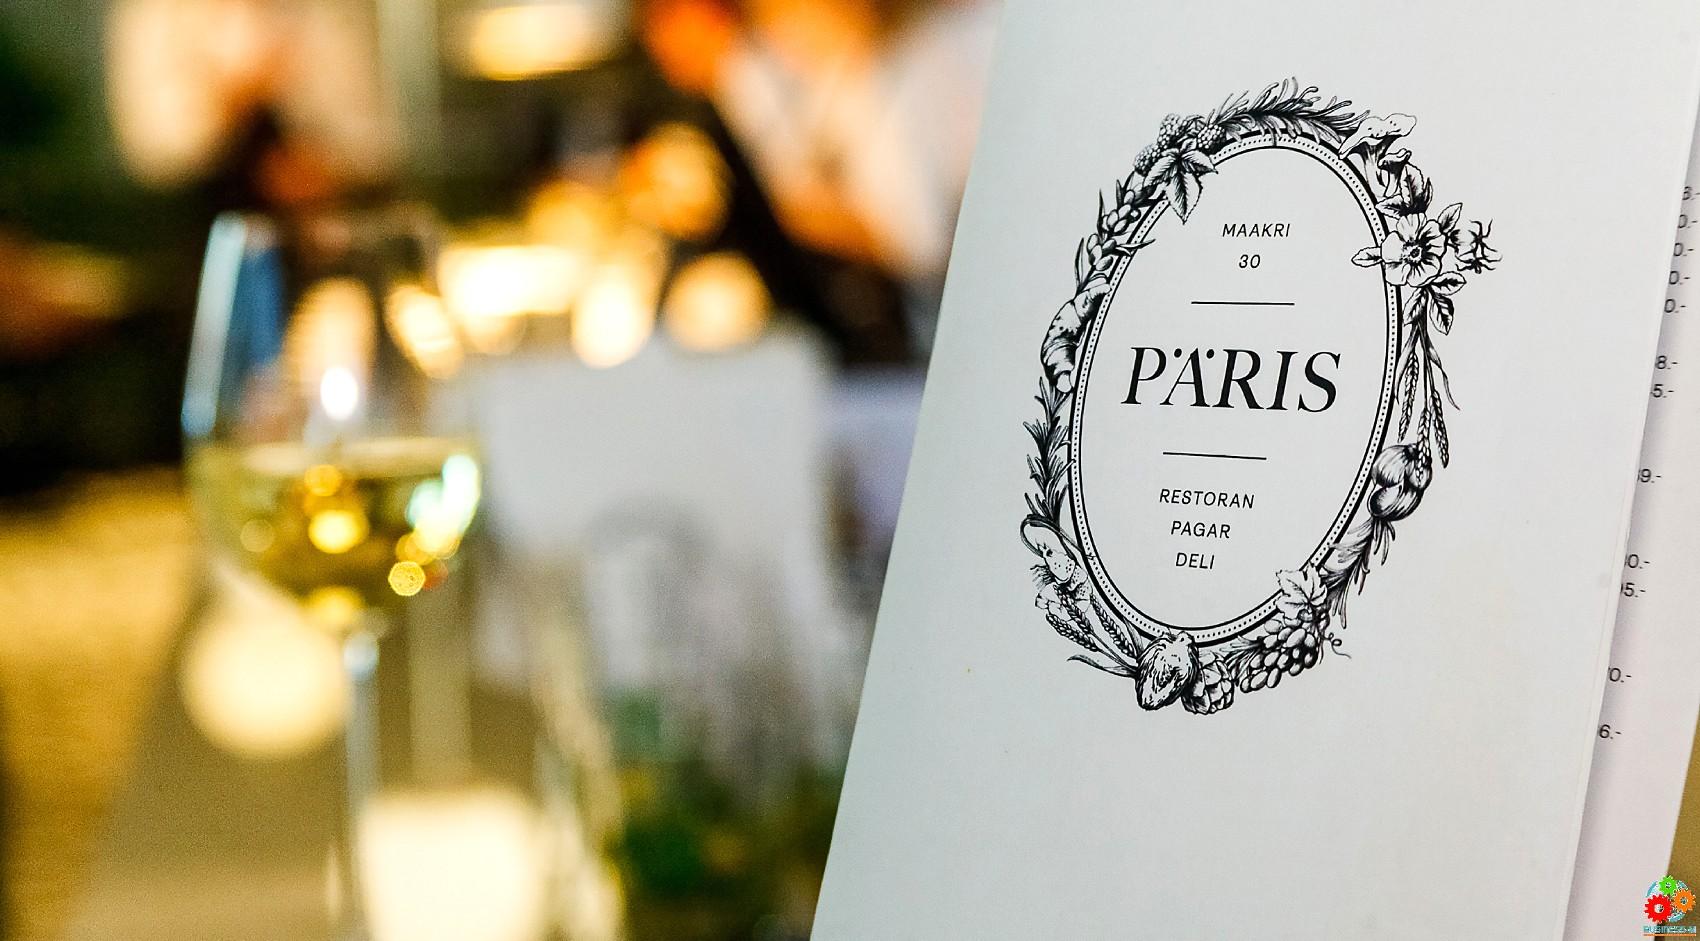 Таллиннский PÄRIS: в столице открылся новый ресторан